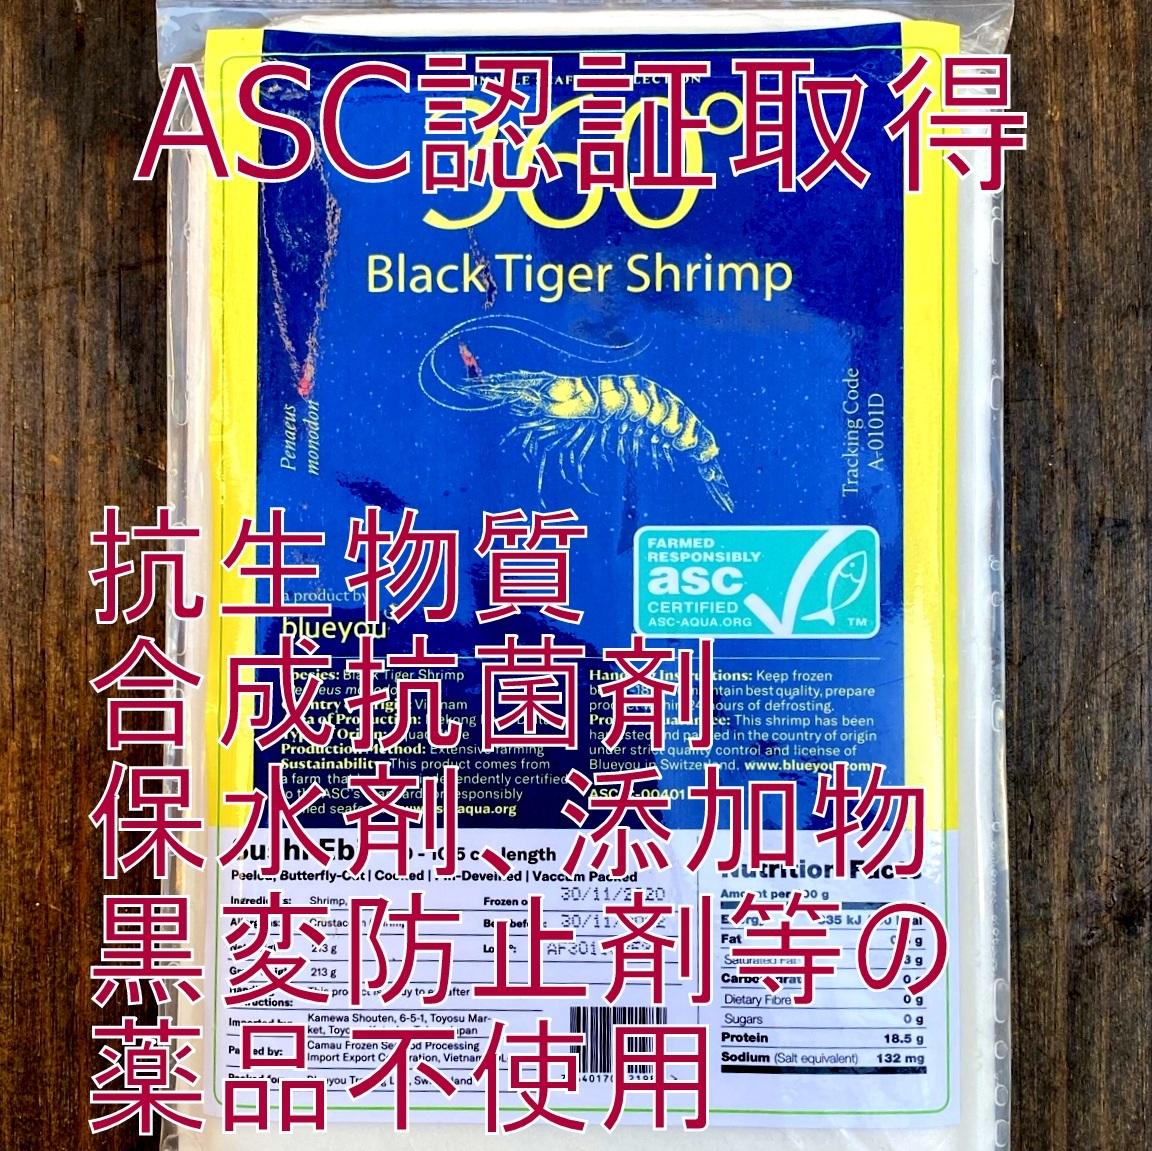 (0217)無添加ブラックタイガー寿司えび 20尾入 2600円(税込)